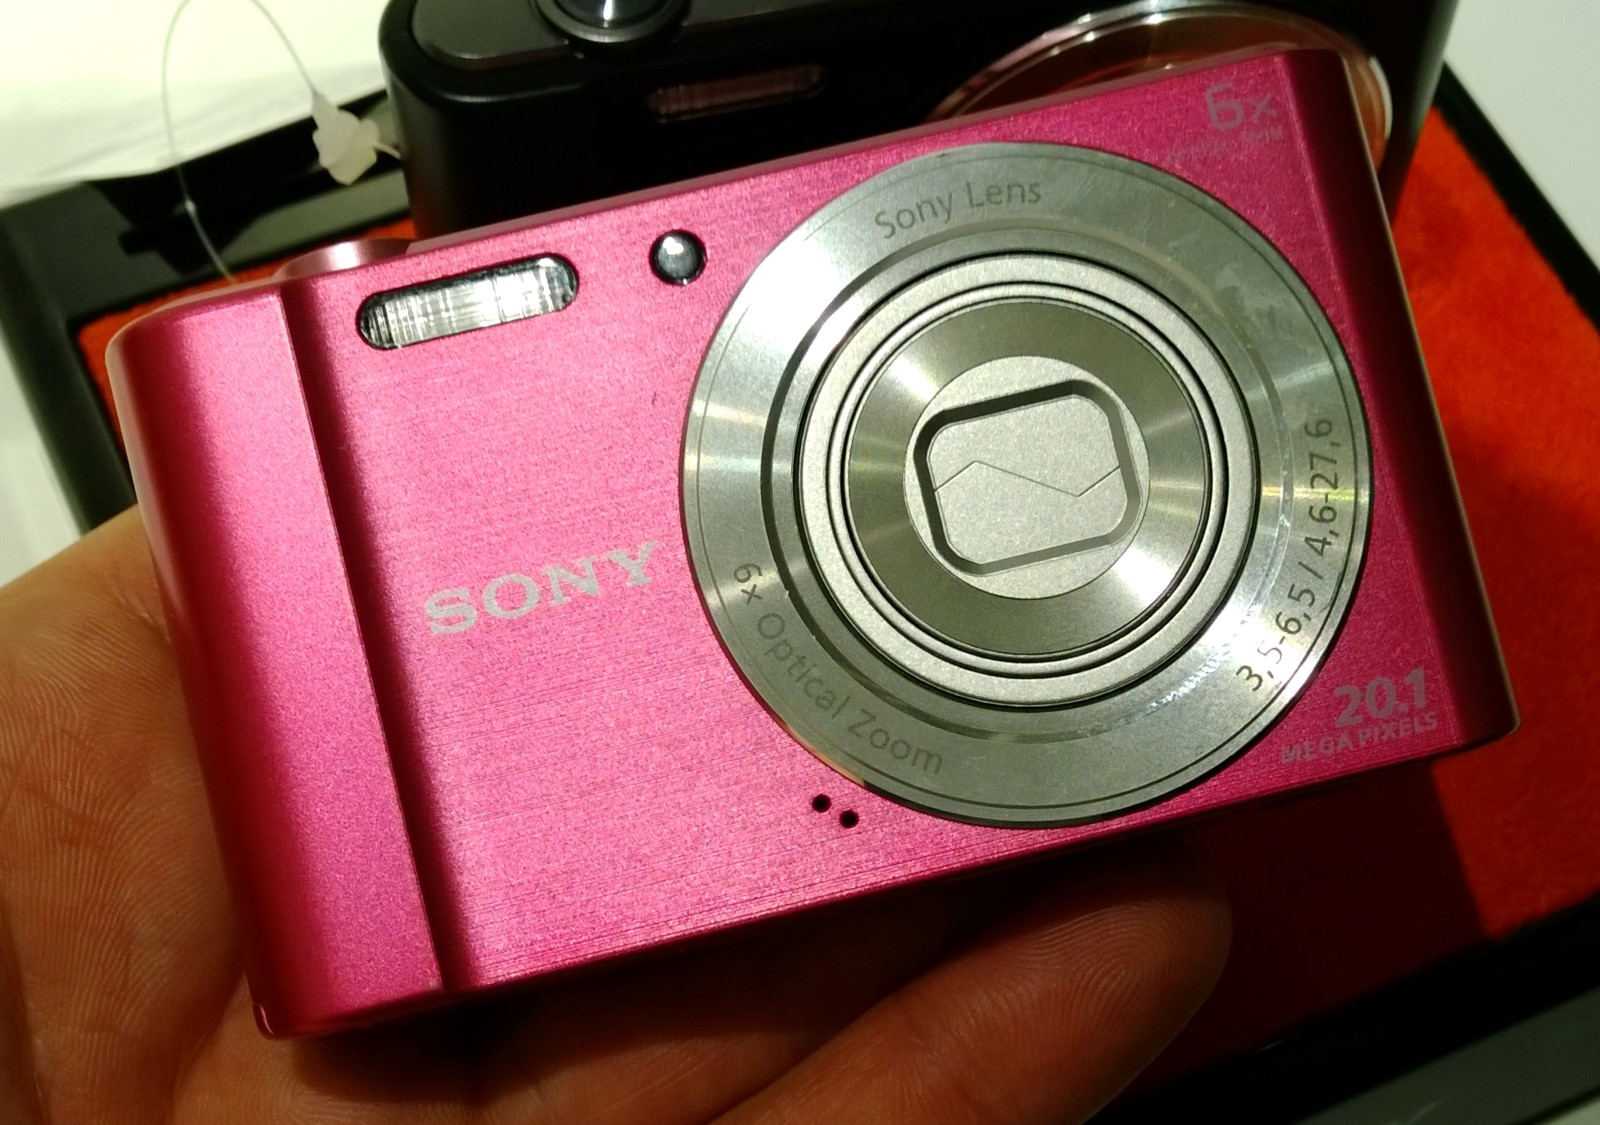 Sony Cyber Shot Dsc W810 6 150 Iso